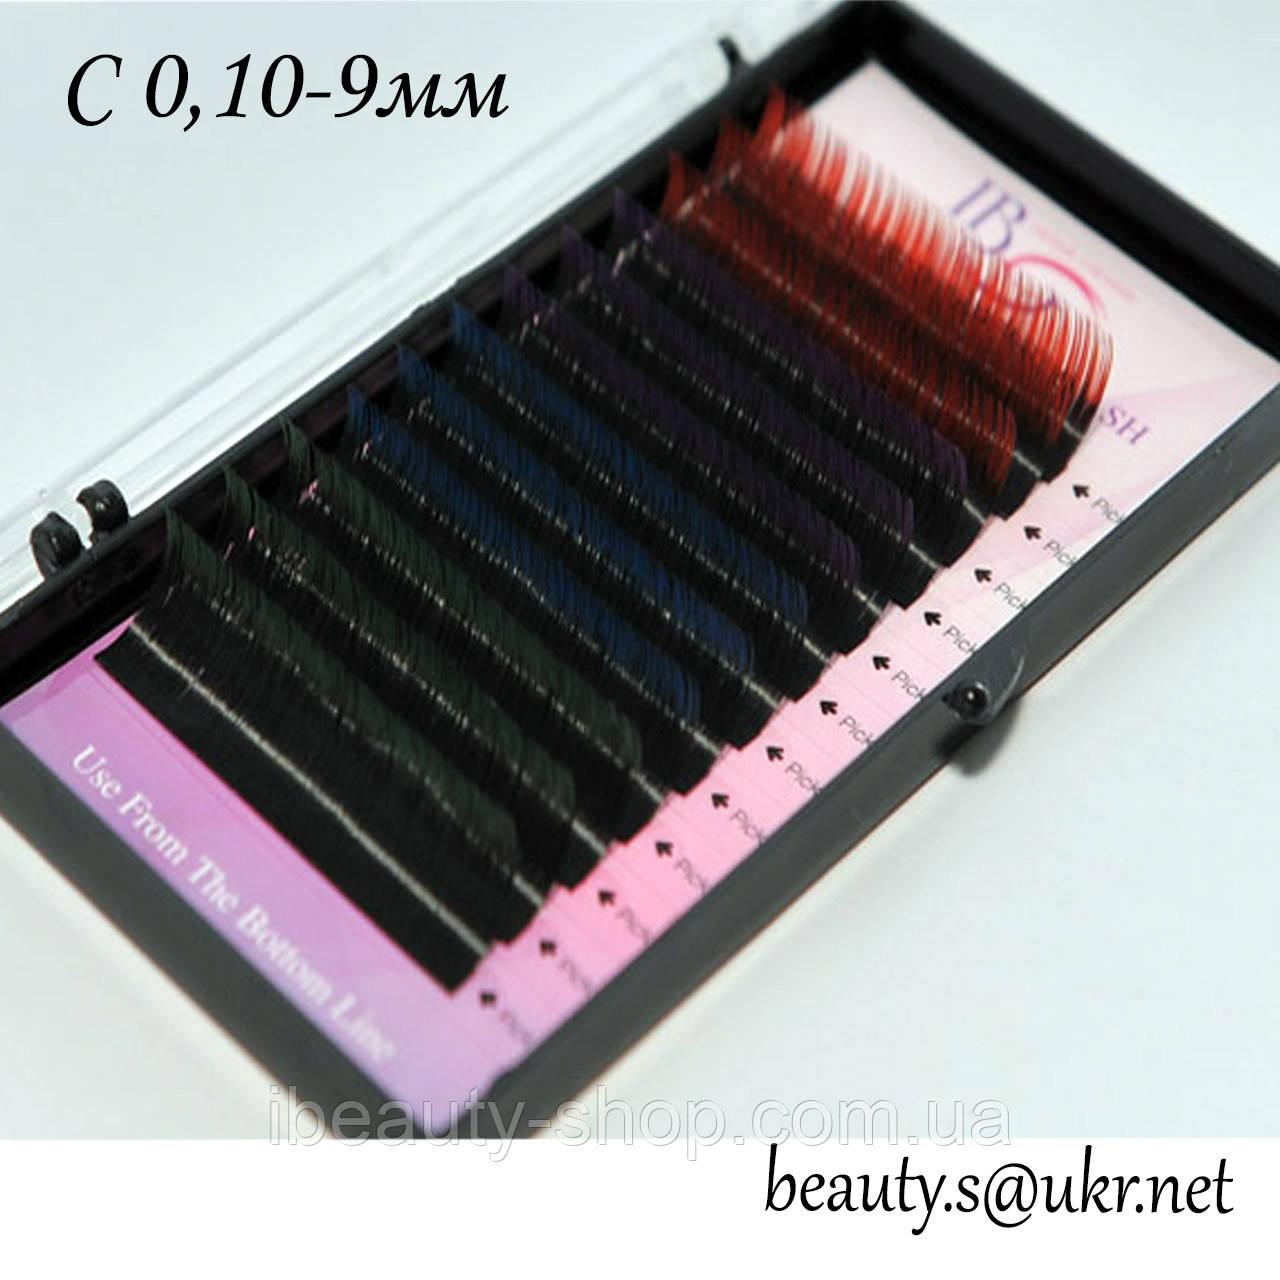 Ресницы I-Beauty, С 0,10-9мм,цветные концы,4 цвета